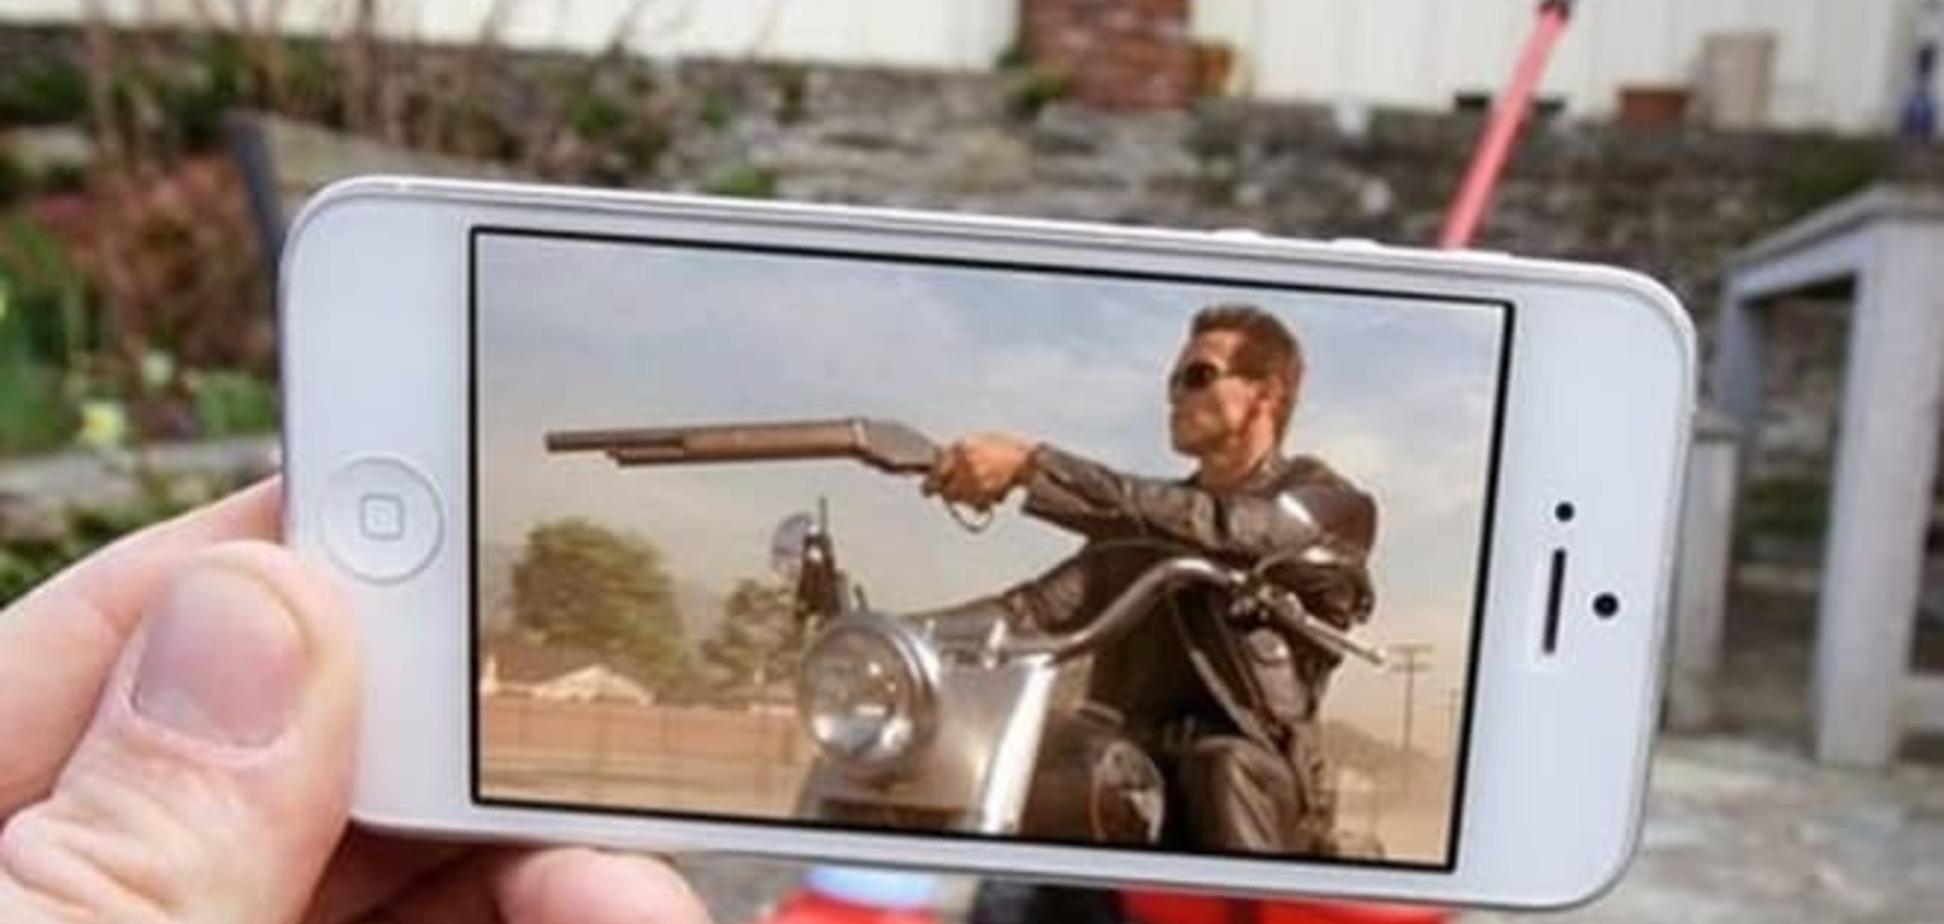 Телефон помог 'внедрить' в жизнь кино и мультгероев современности